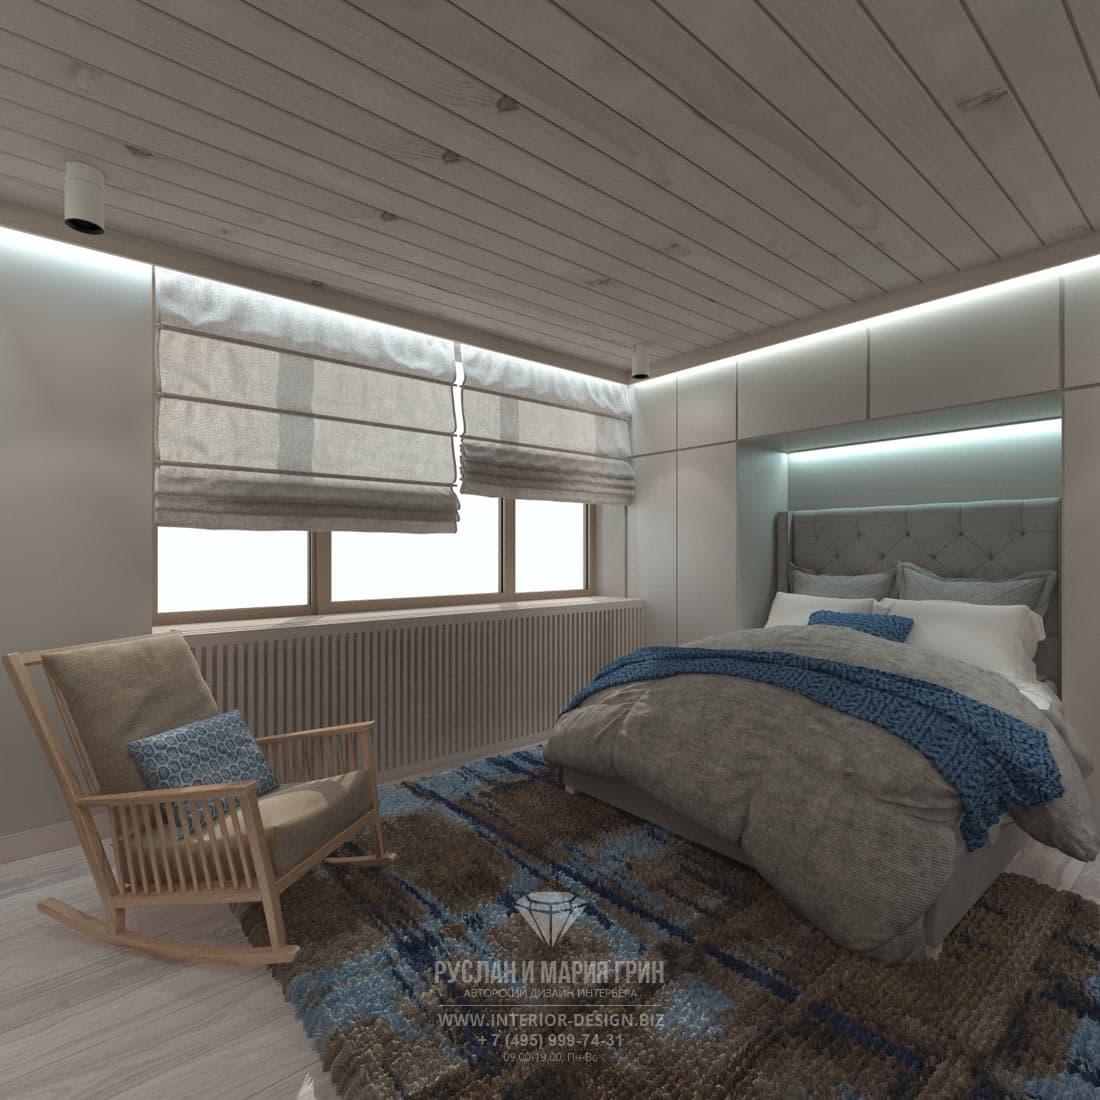 Сине-коричневая гамма в оформлении спальни